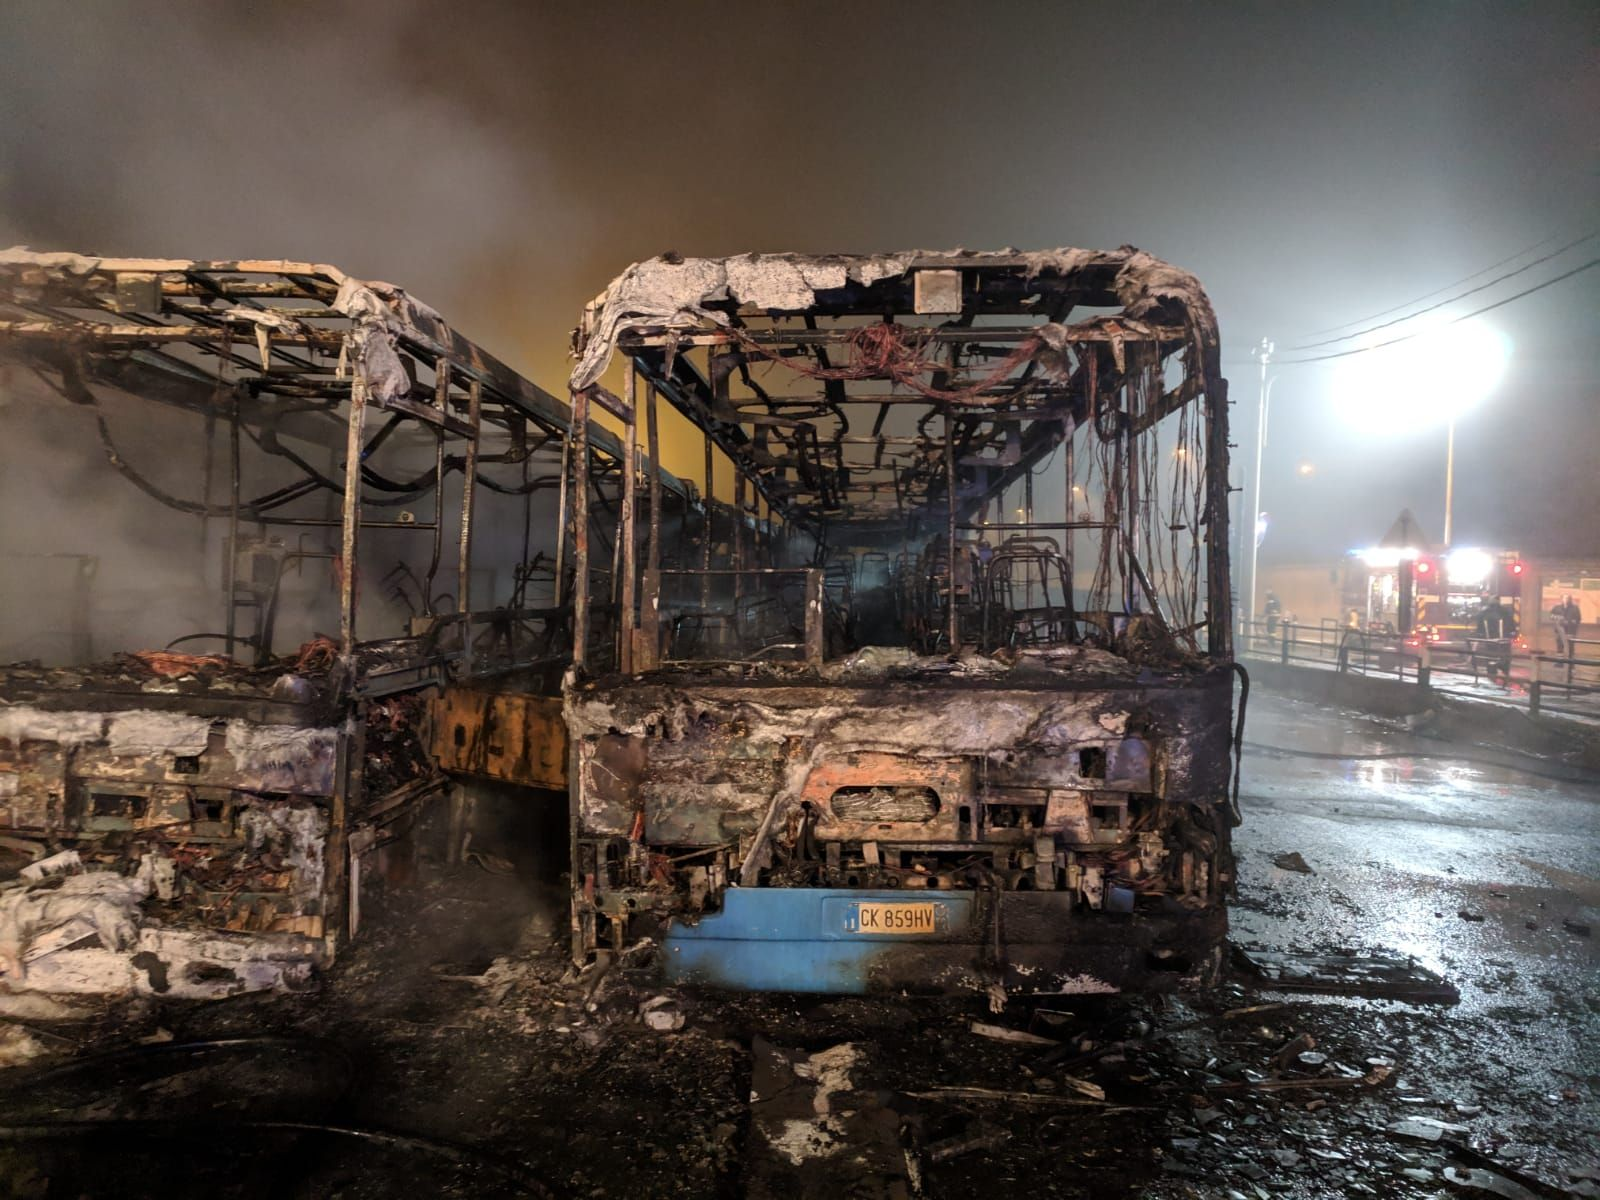 CIRIE' - Incendio doloso devasta i bus: sospetto piromane portato in caserma dai carabinieri - FOTO E VIDEO